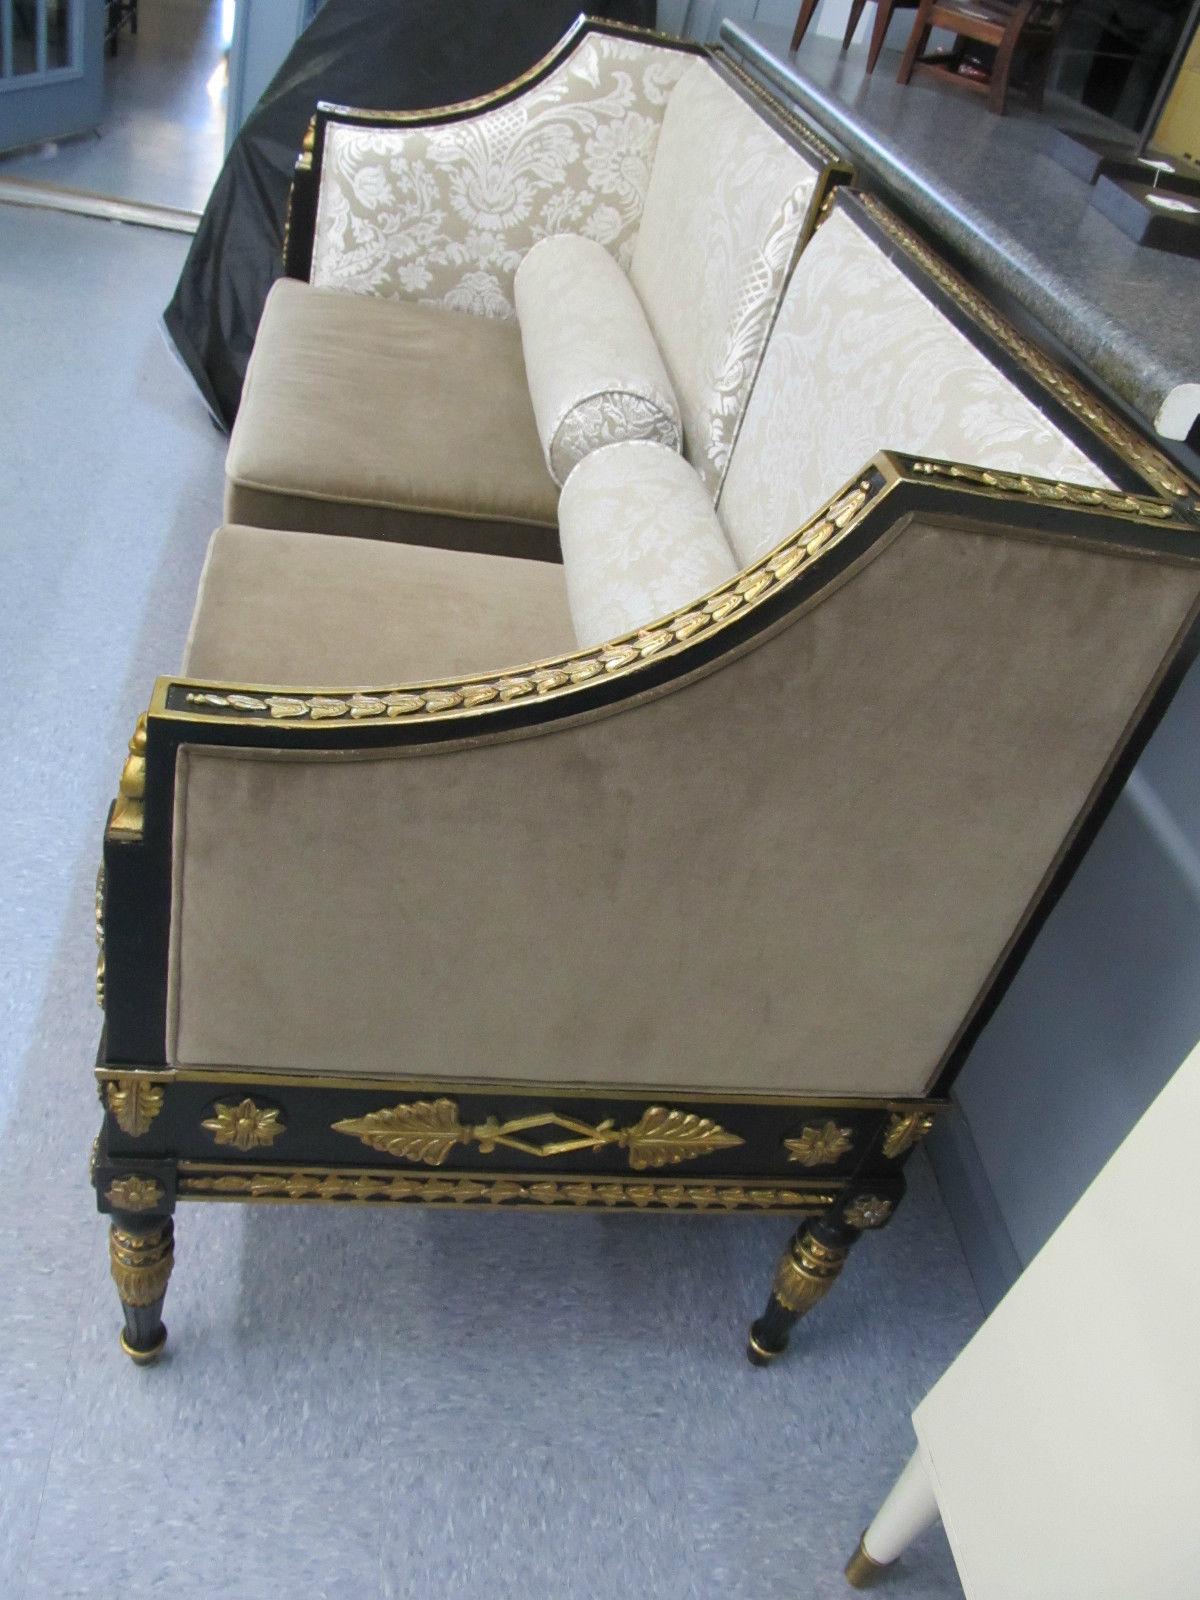 Maitland Smith Black Vendome Gilded Velvet Damask Sofa Loveseat Settee 4530-735